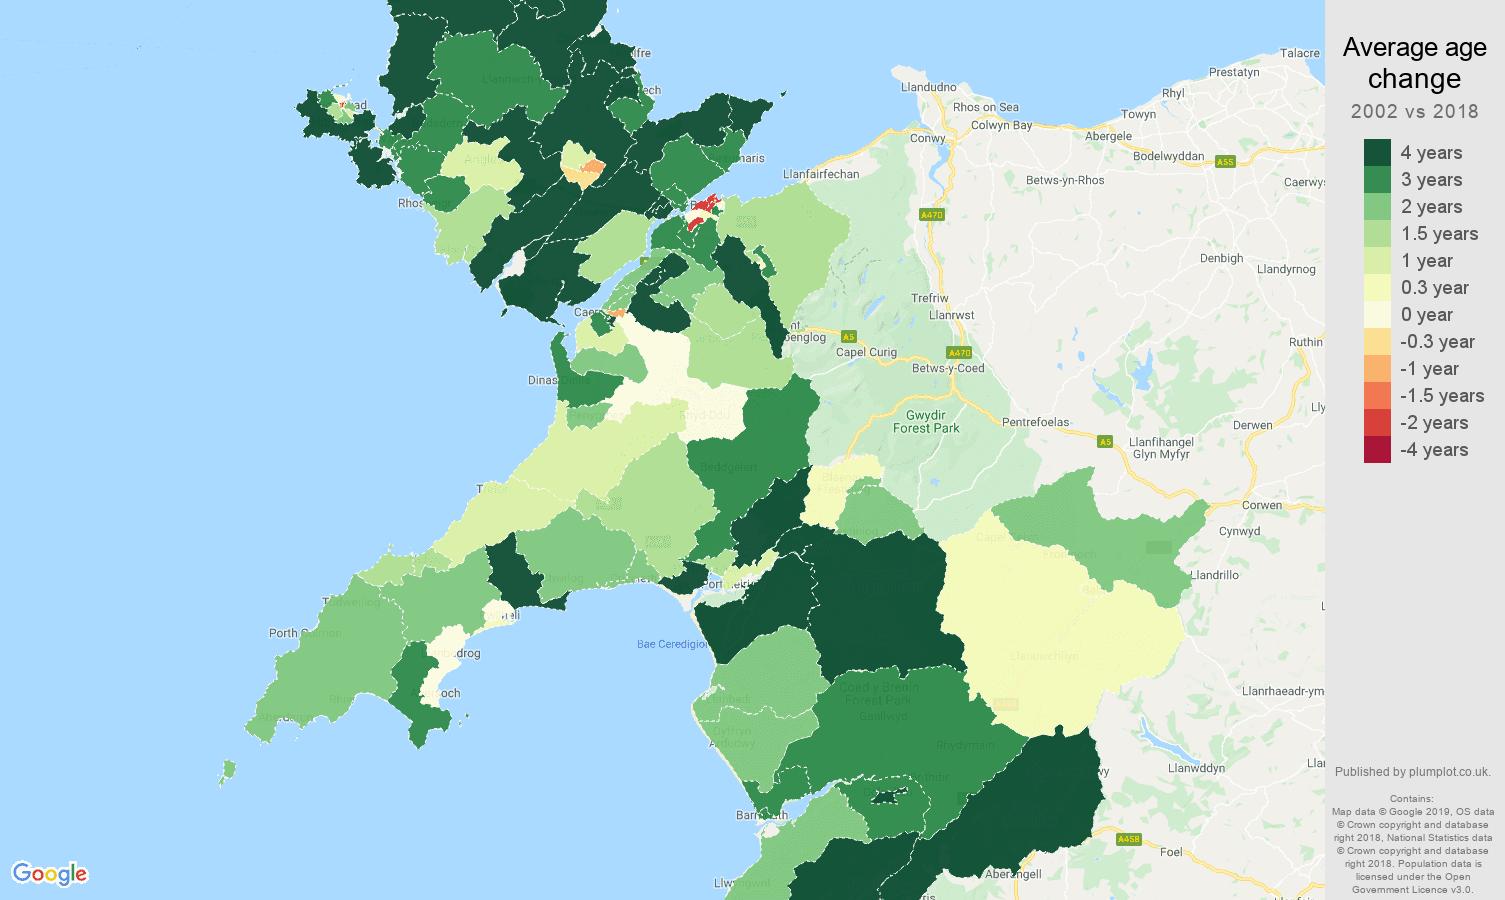 Gwynedd average age change map